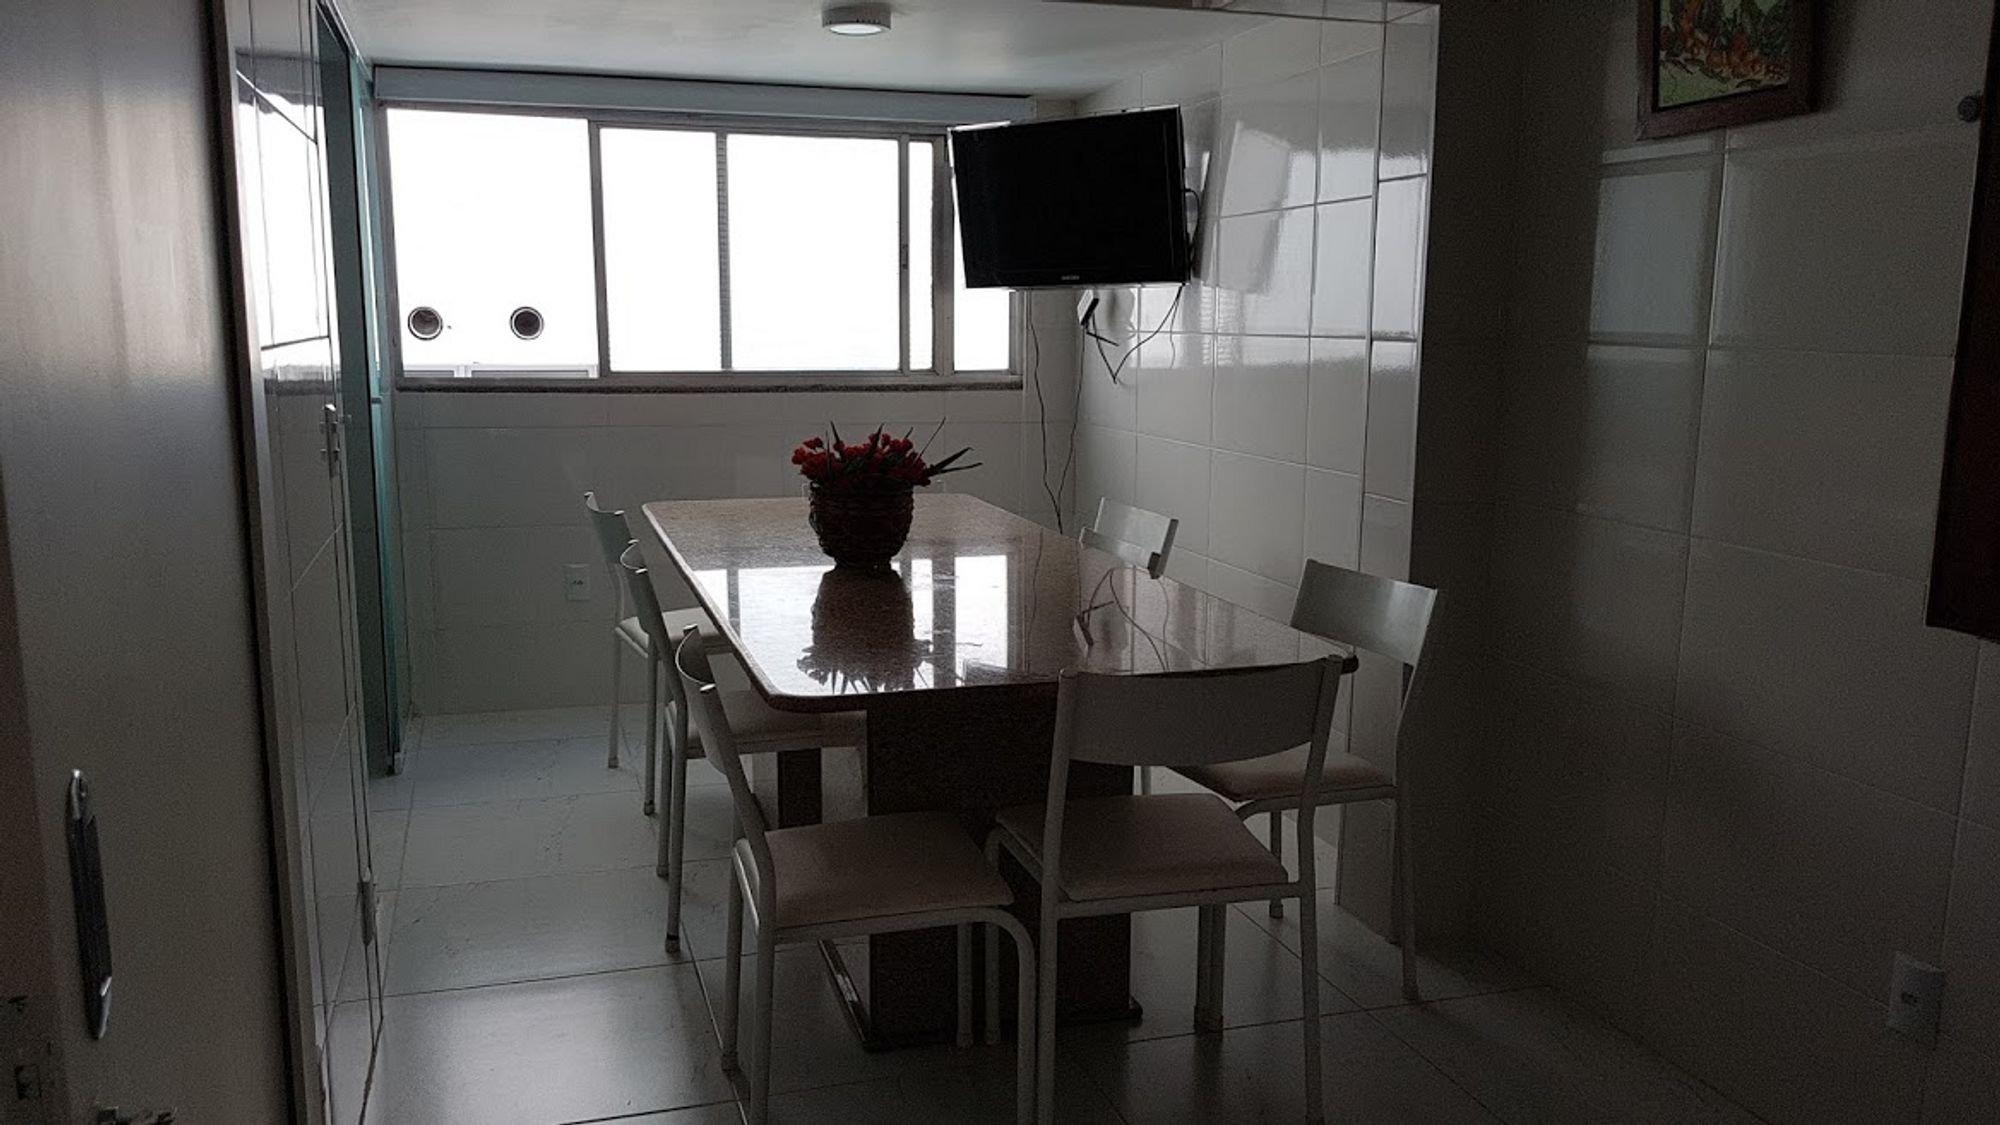 Foto de Lavanderia com vaso de planta, televisão, vaso, cadeira